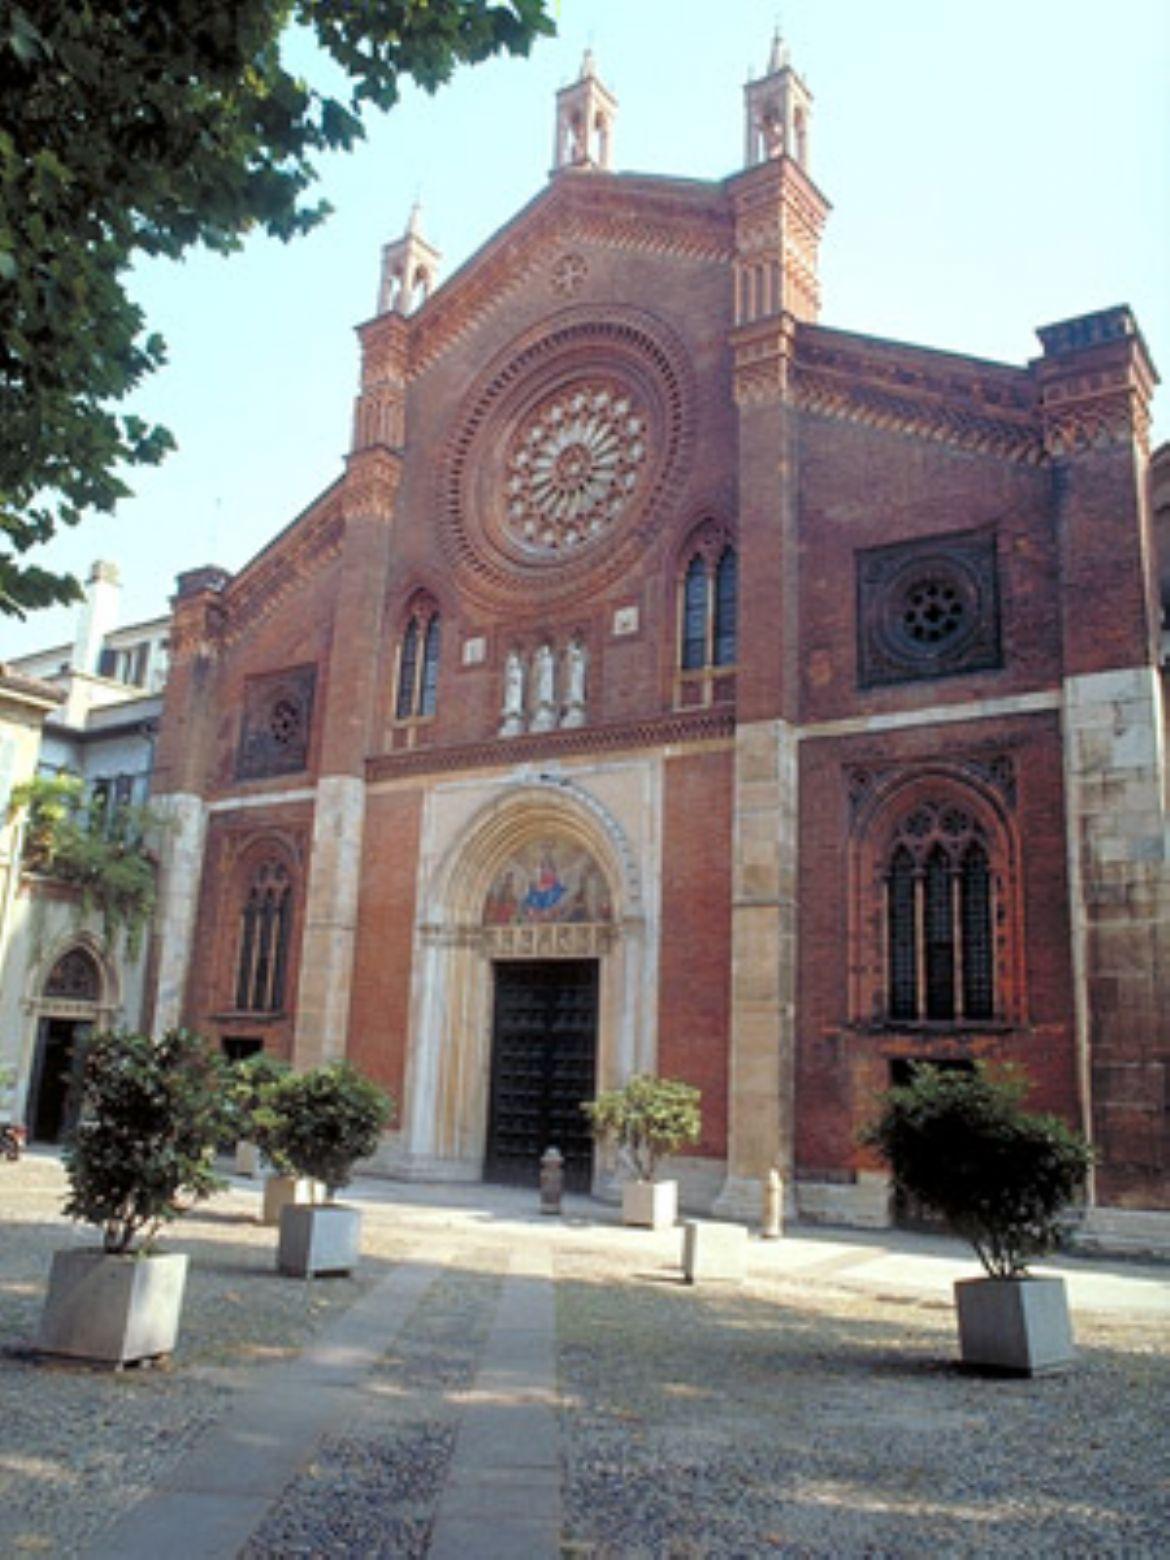 Leggi: Basilica San Marco capolavoro nel cuore di Milano